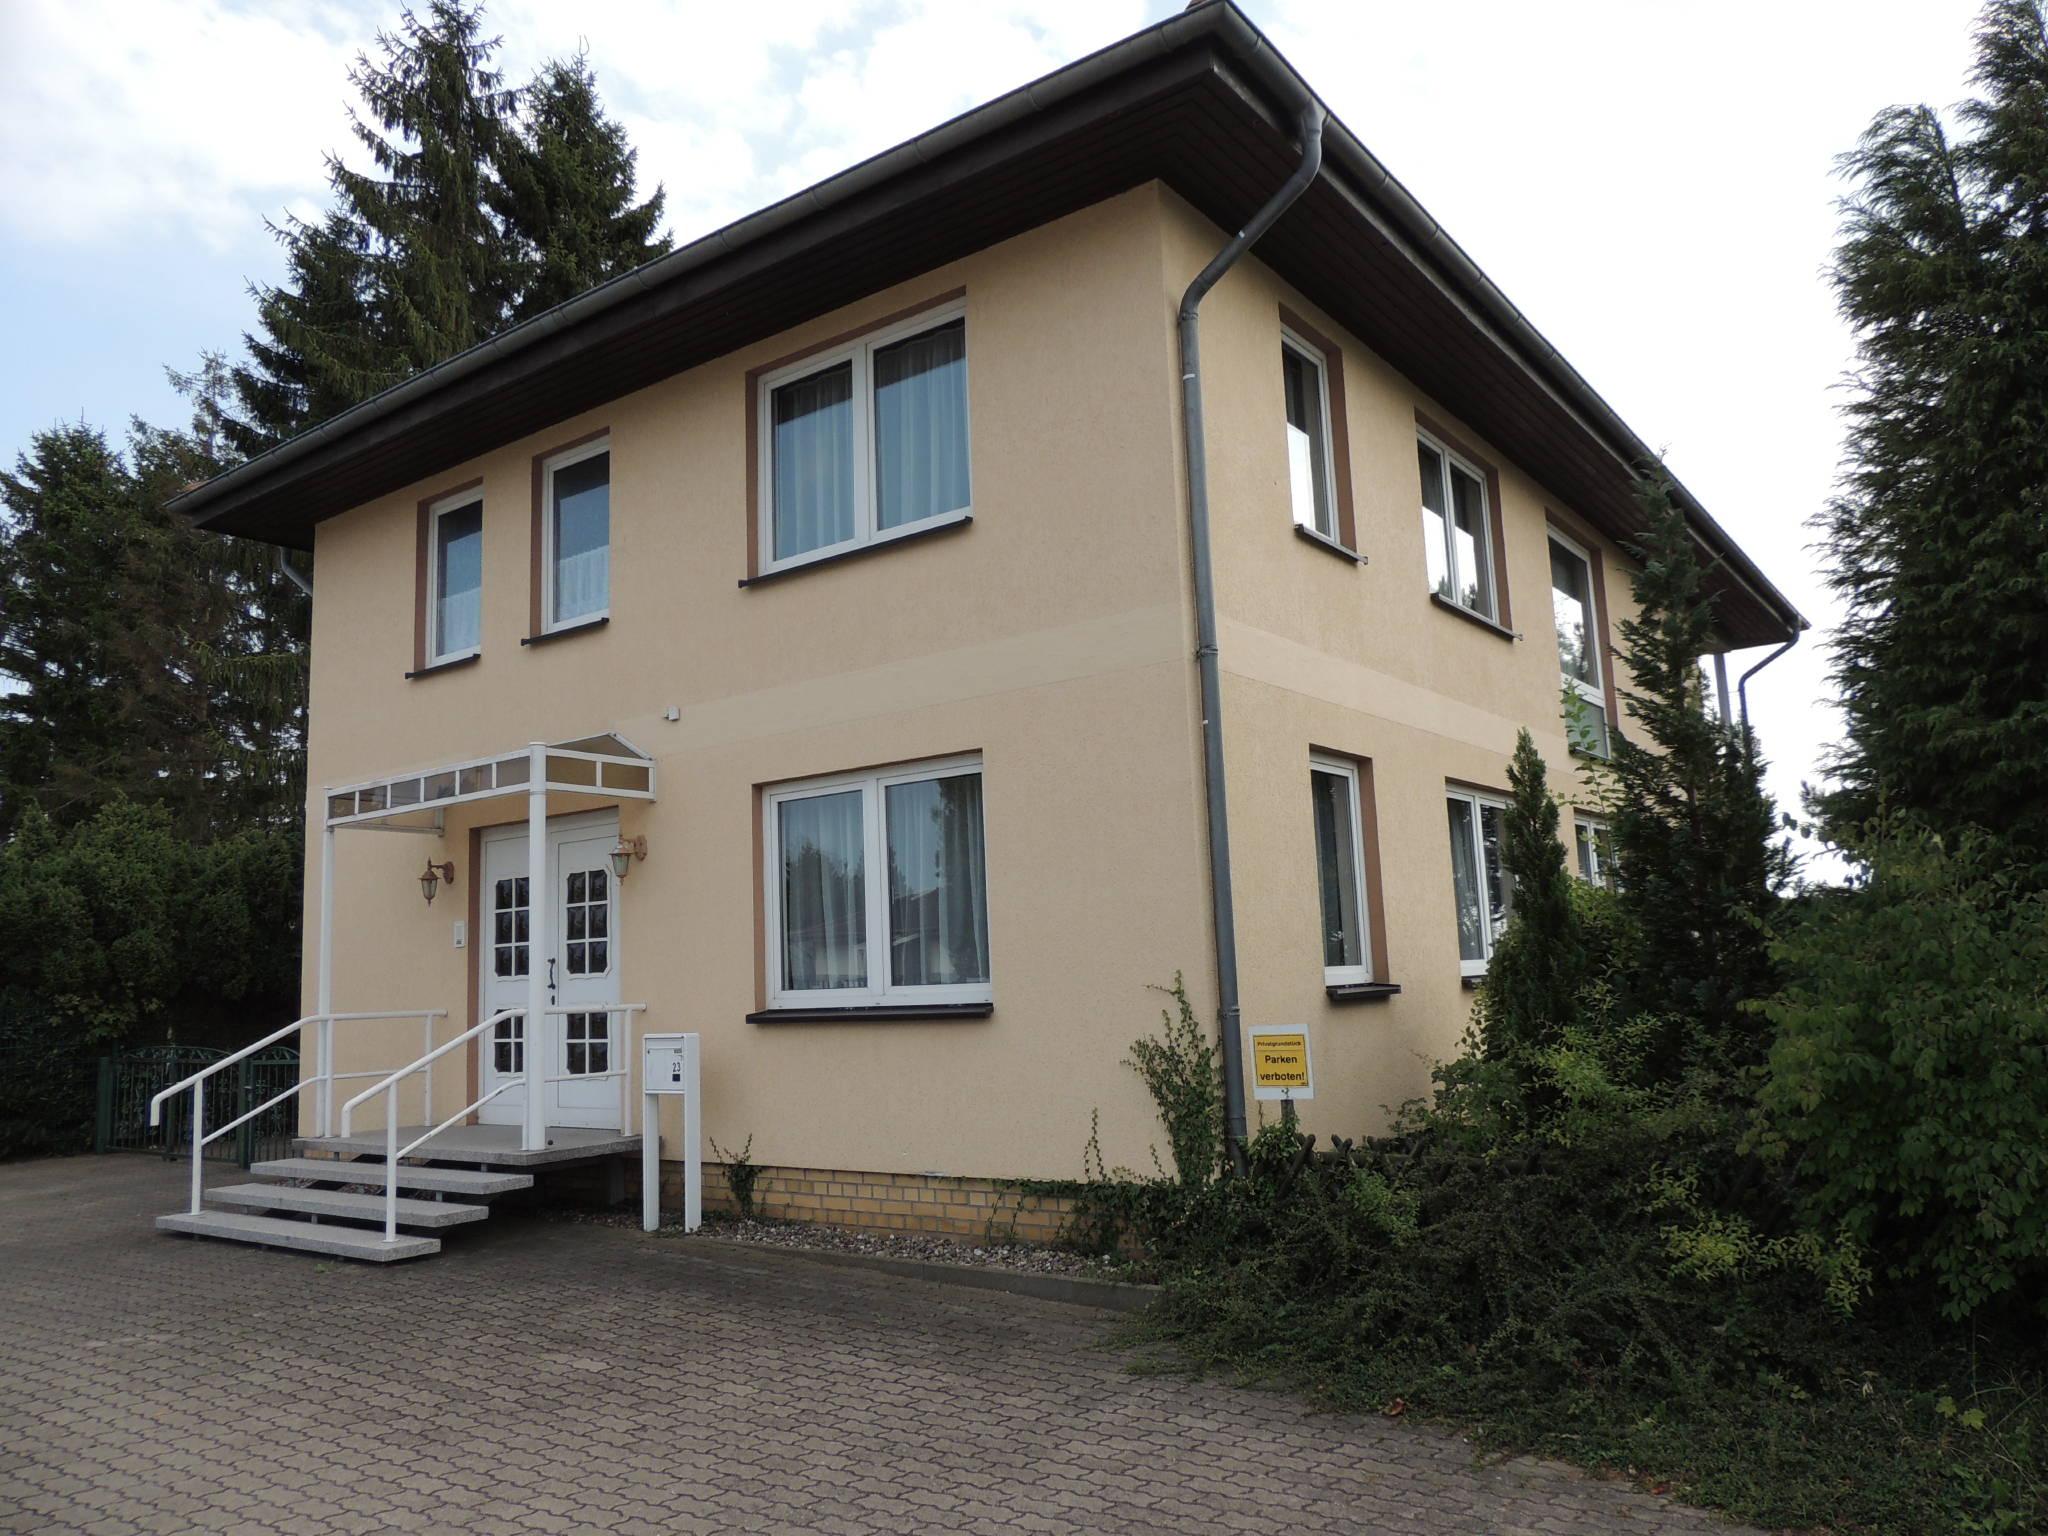 Feriengruppenhaus Am Feldrain